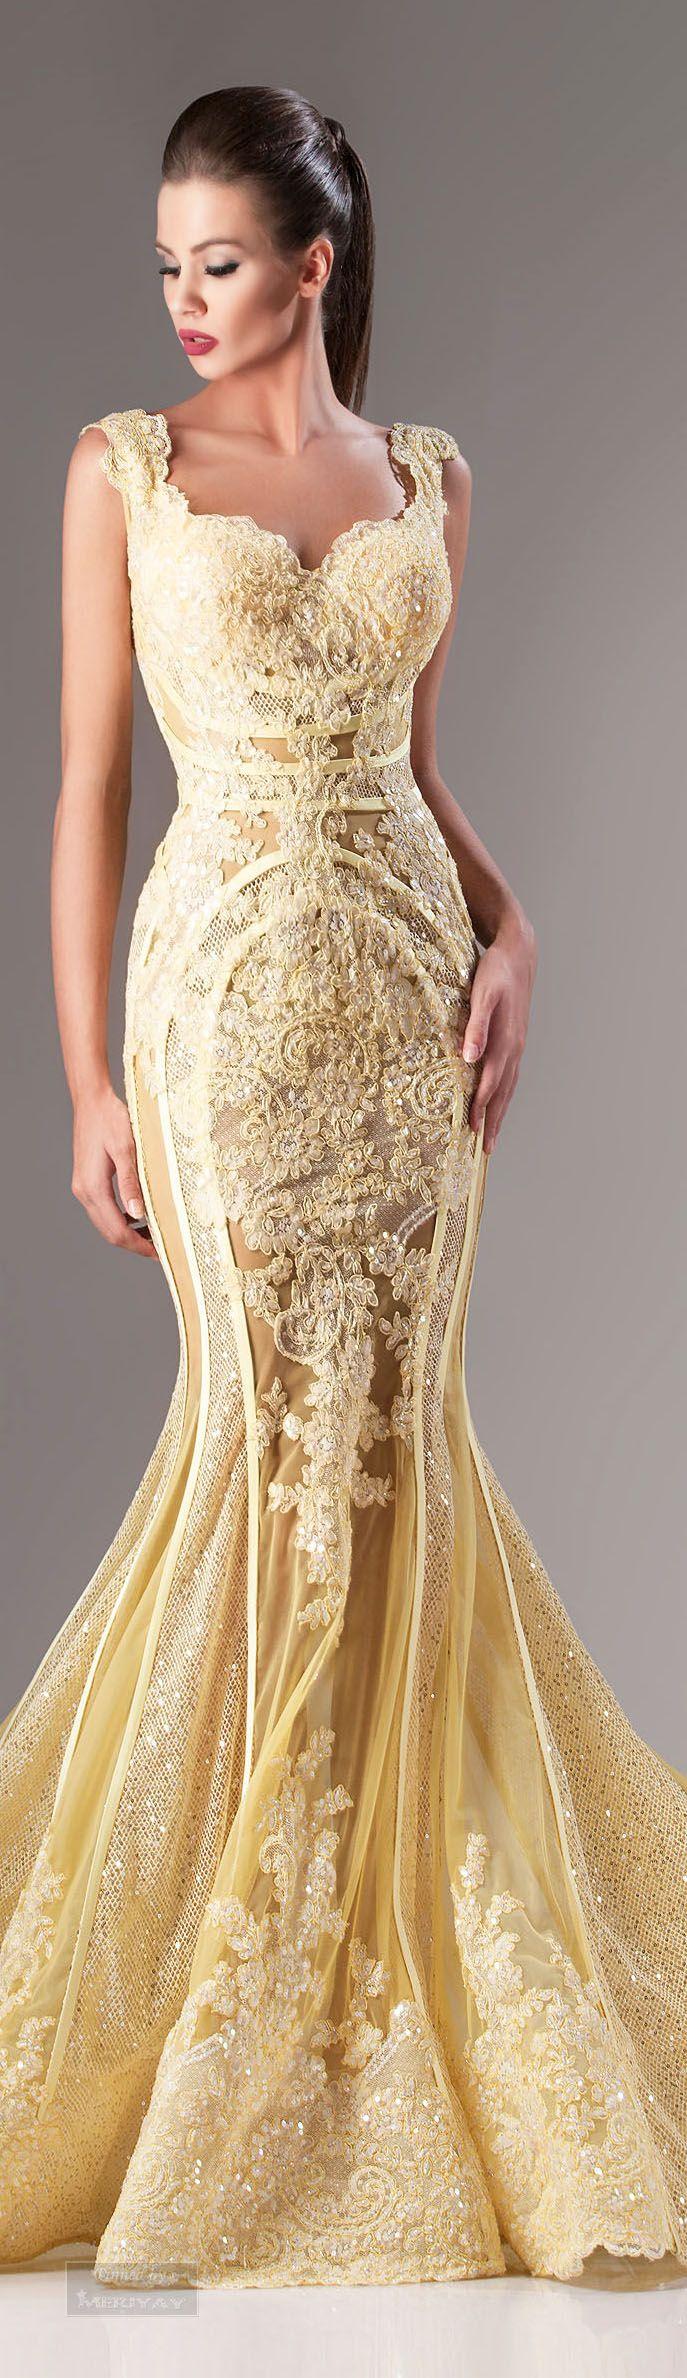 Que sonho casar com um vestido desses, mas branco é claro :)